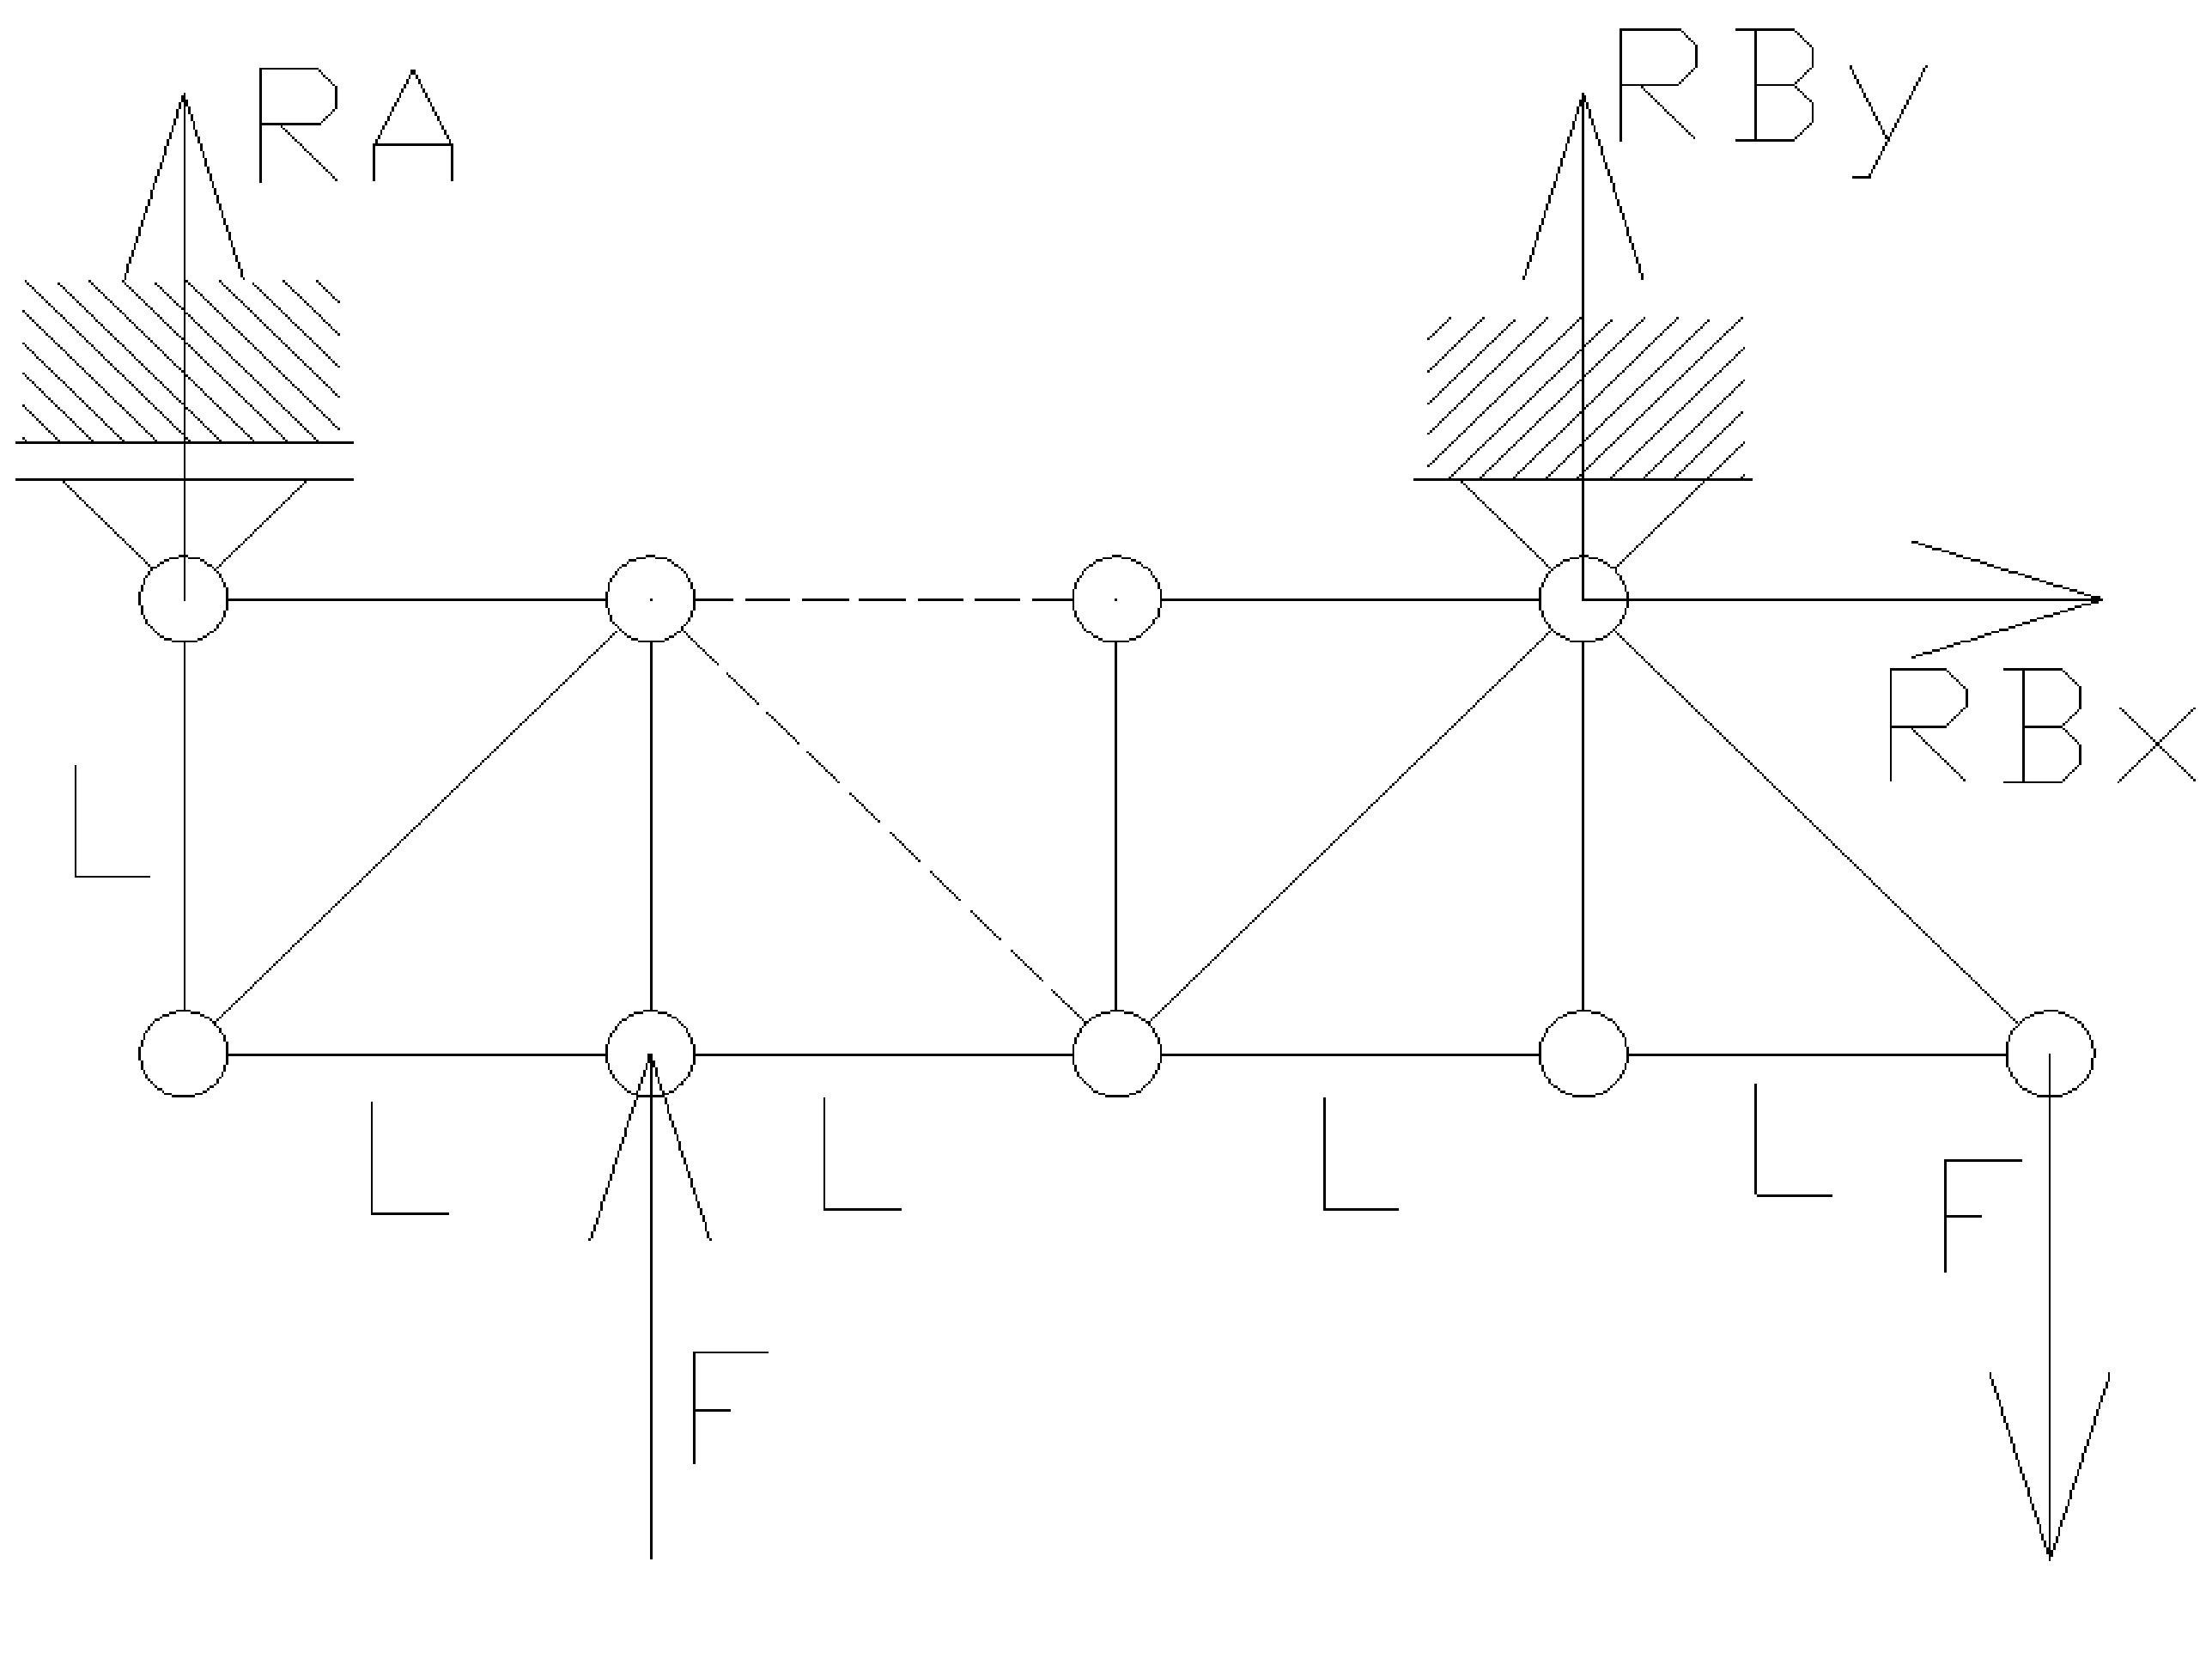 rozciaganie16 - Kratownica - metoda przecięć - statyka -zadanie 28